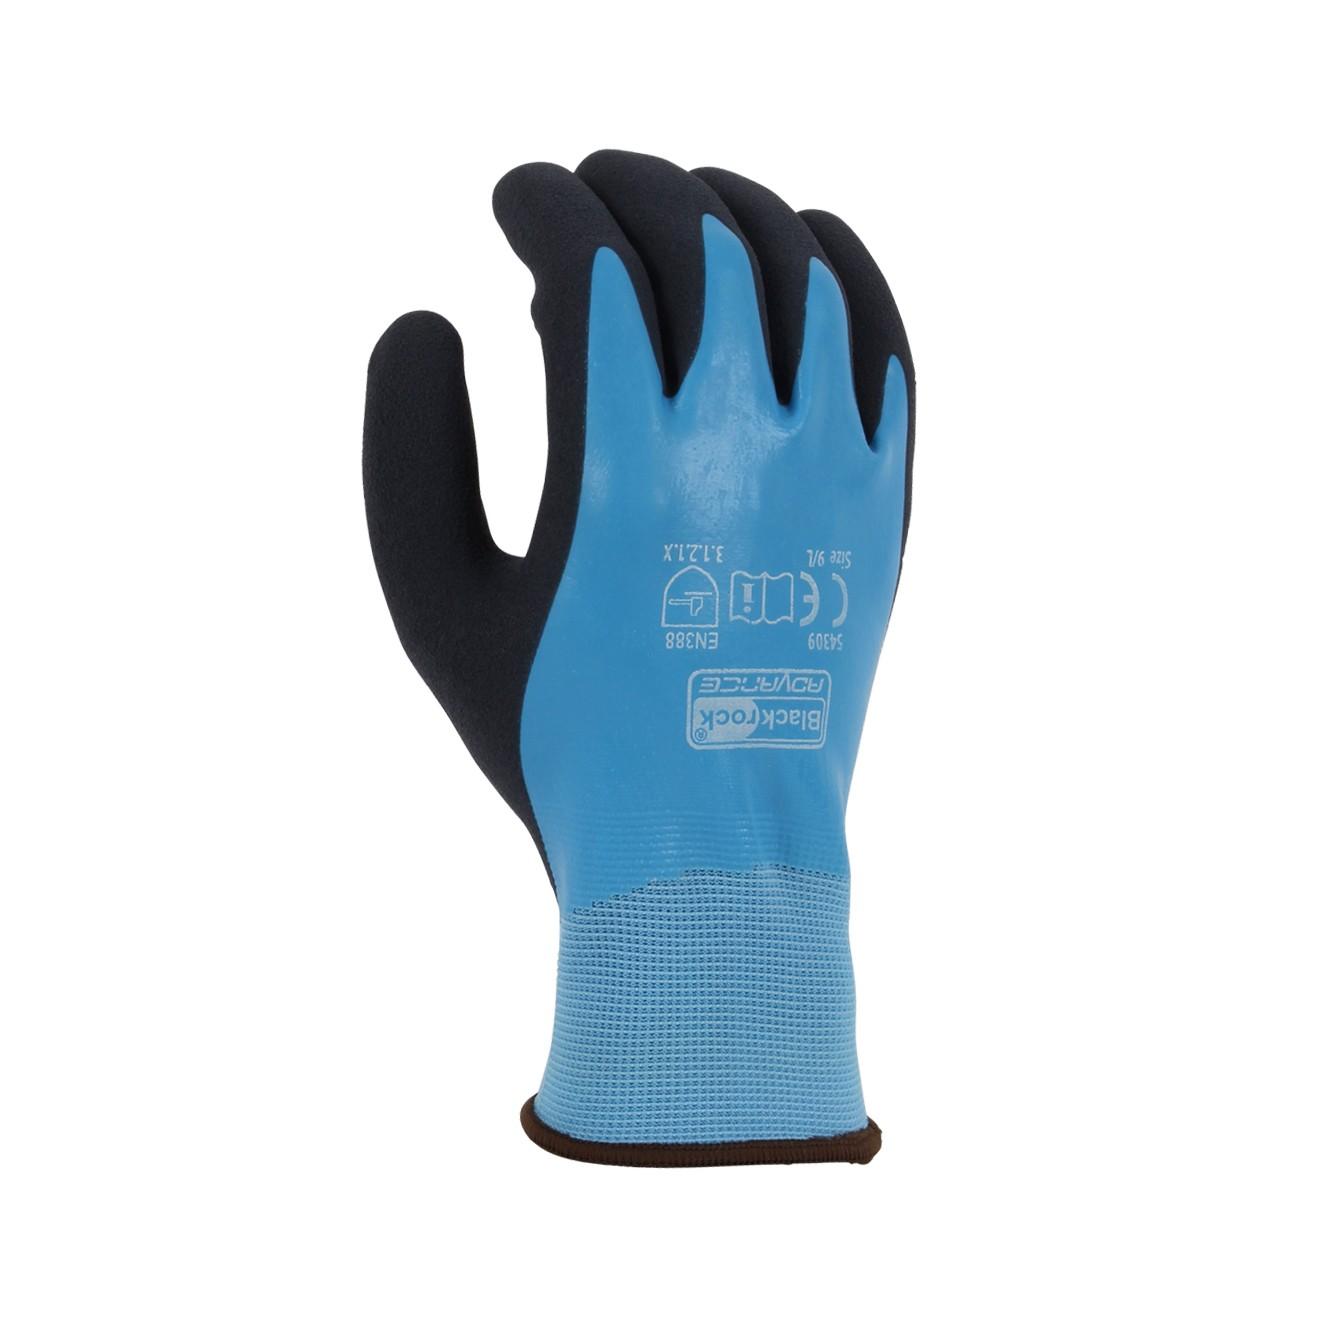 Watertite Waterproof Work Glove